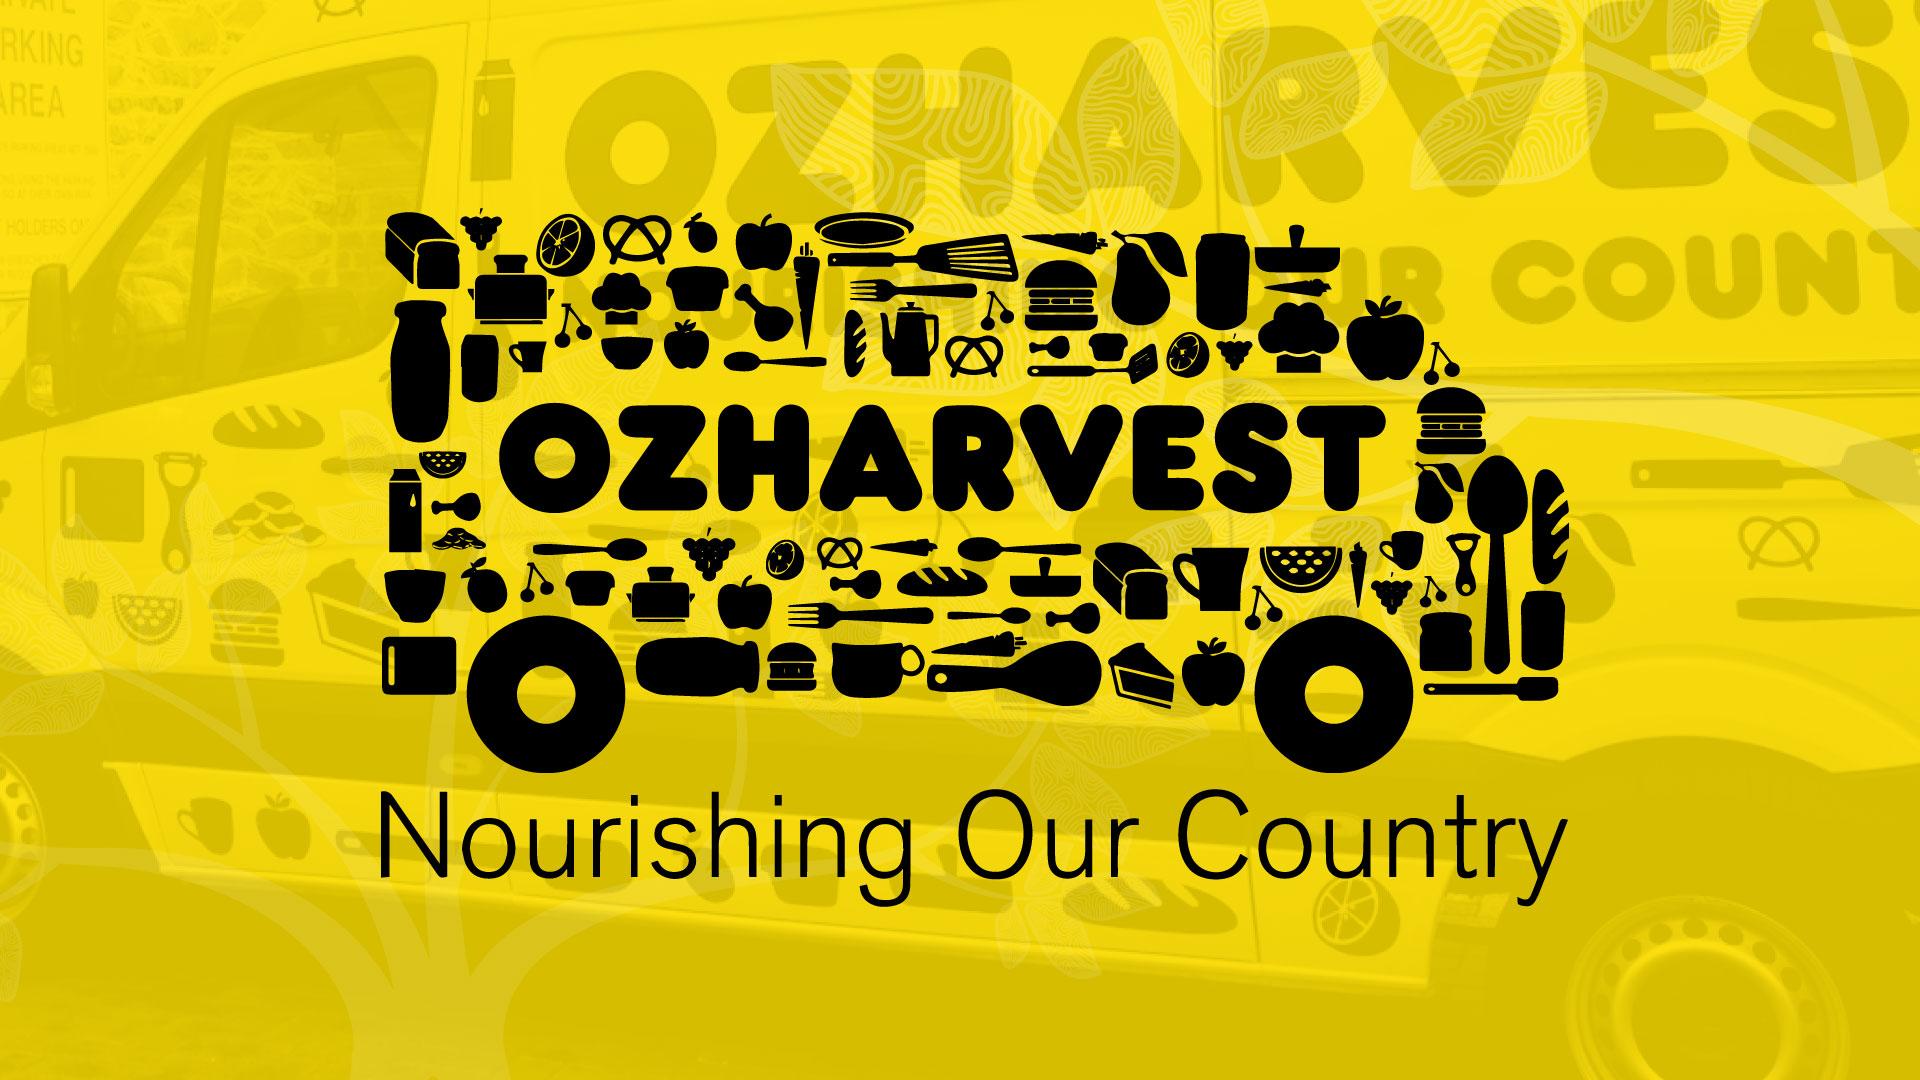 Image result for oz harvest